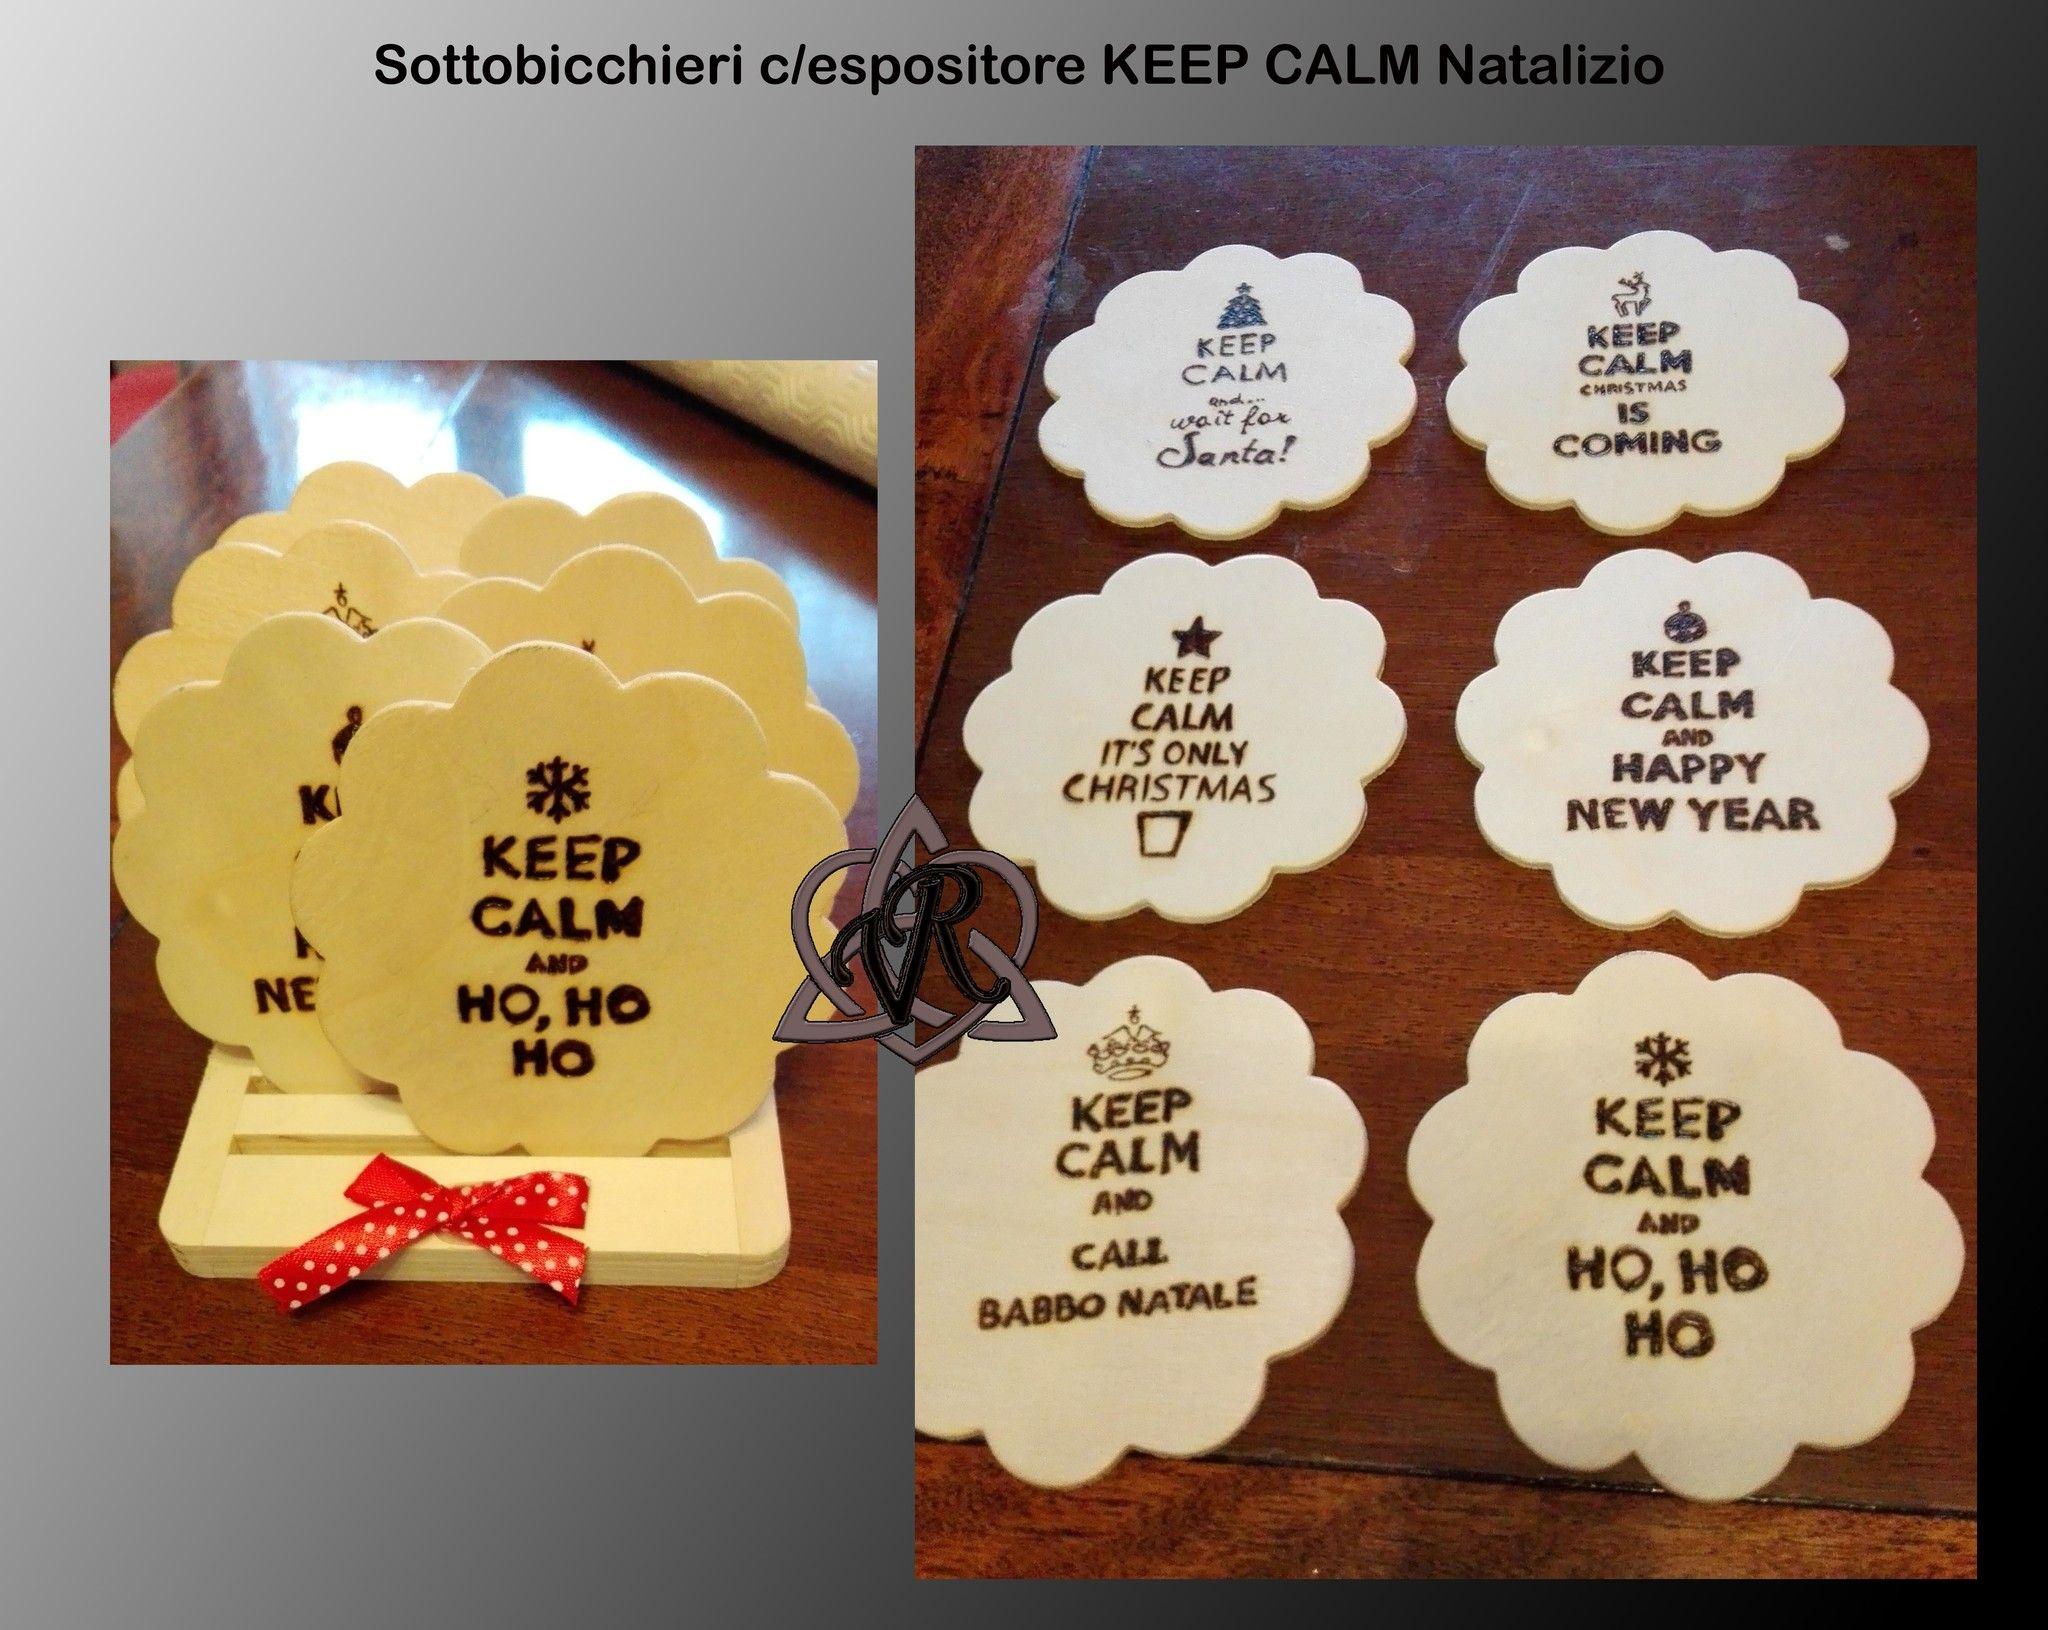 """Set sottobicchieri """"KEEP CALM.."""" c/espositore"""